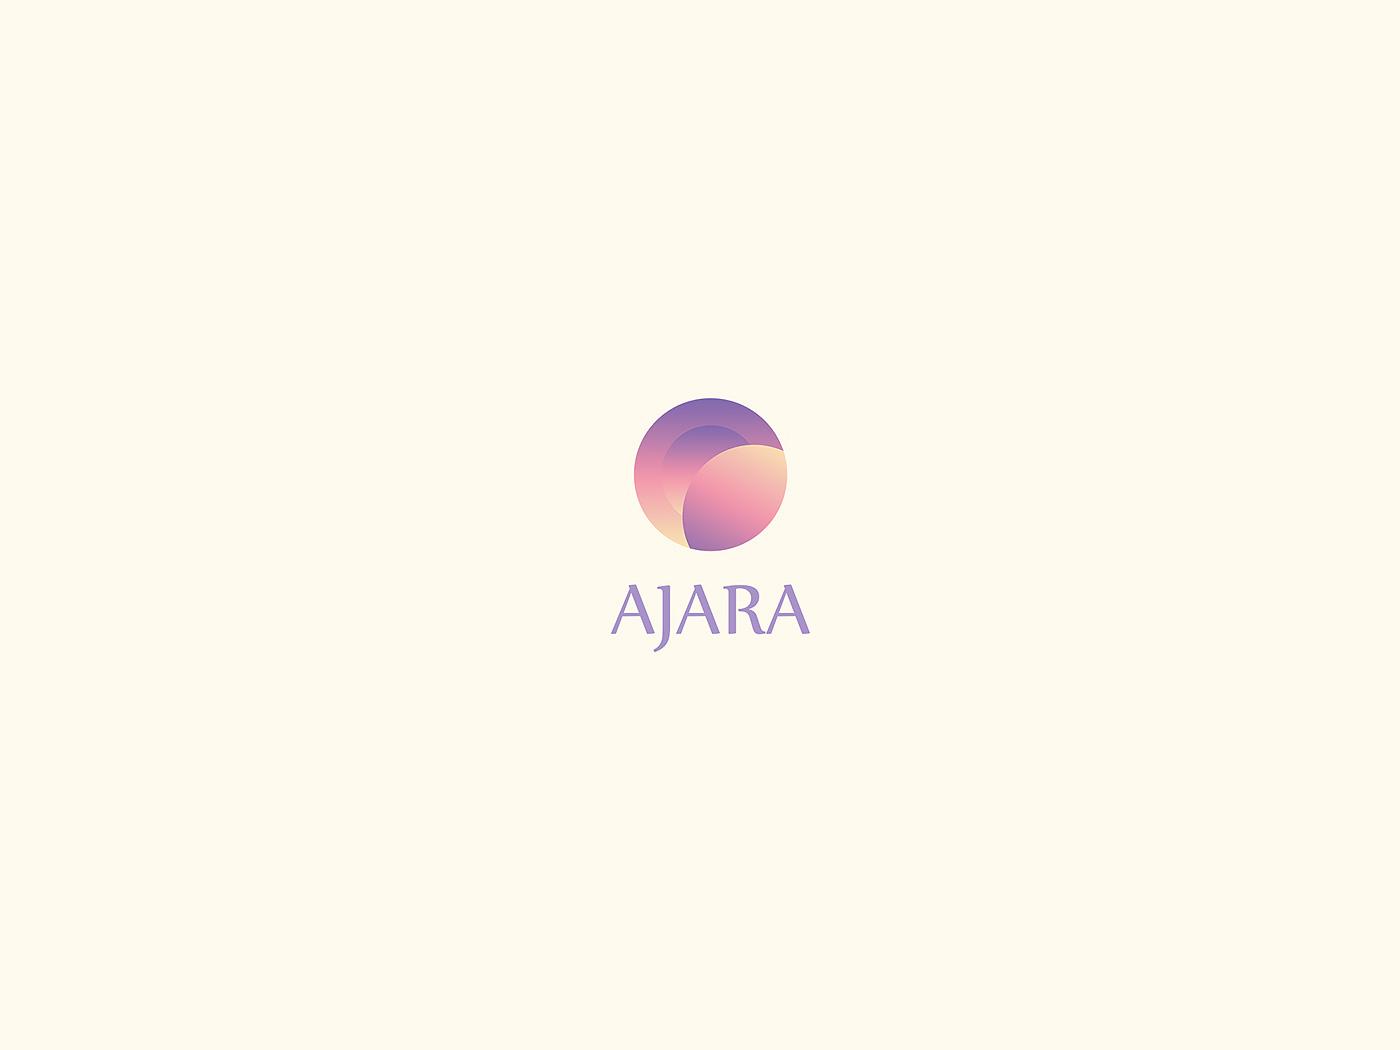 Лого портфолио Ajara